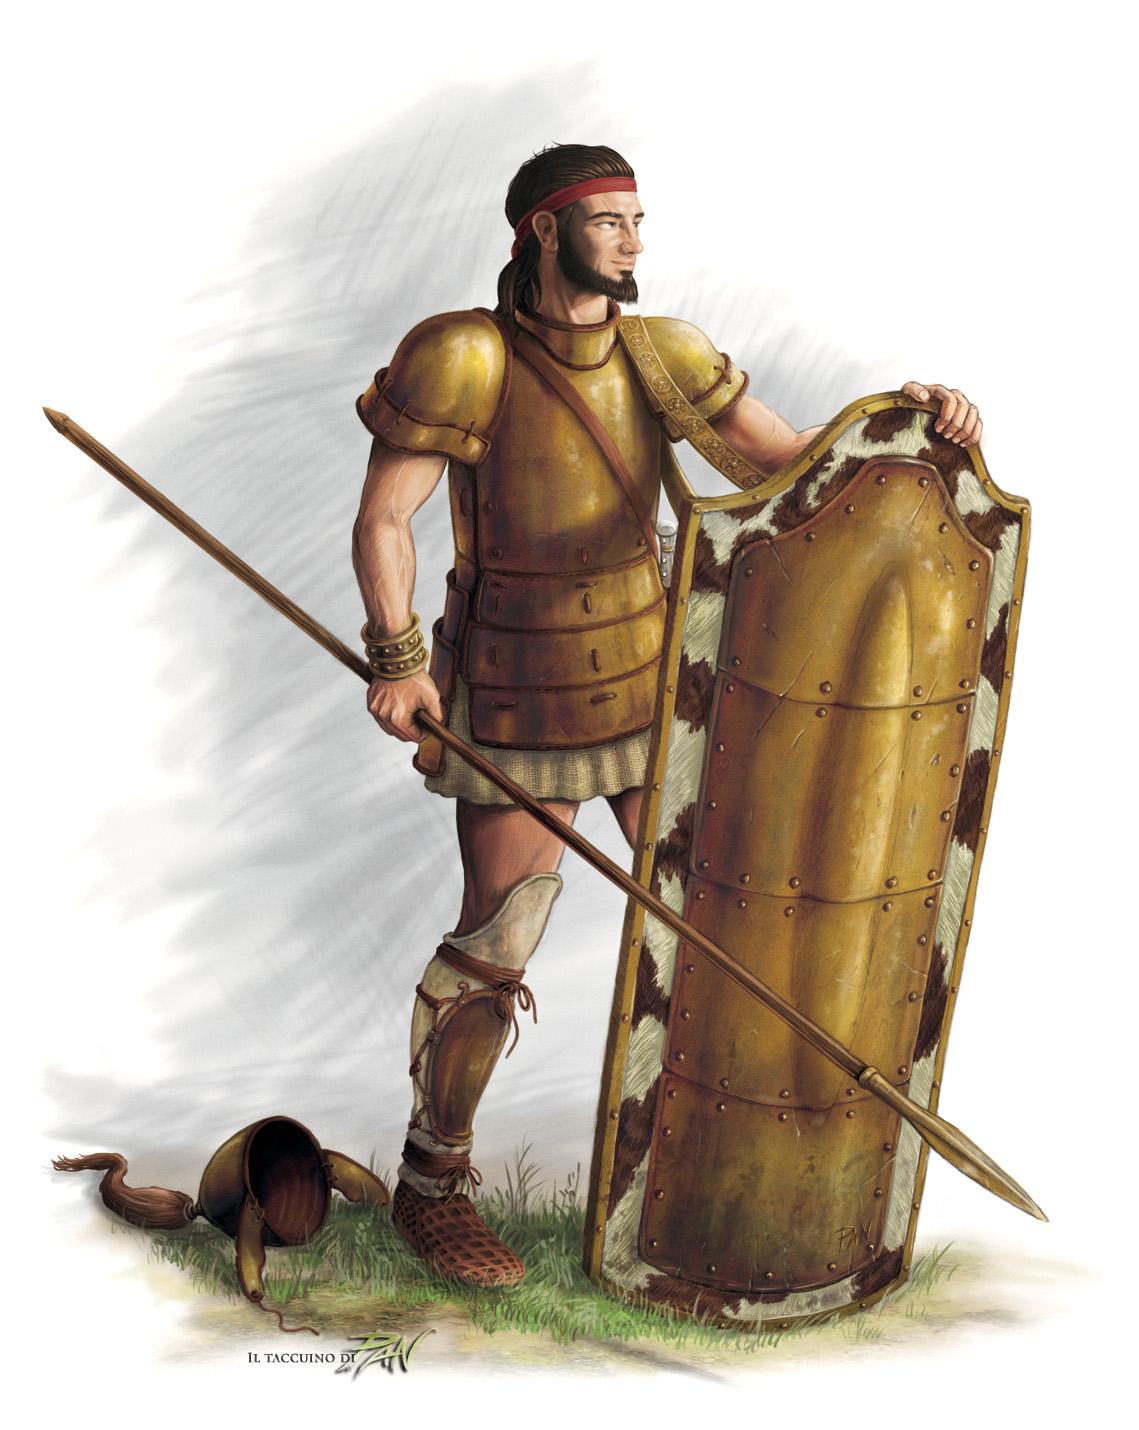 Aiace figlio di Telamone by Panaiotis